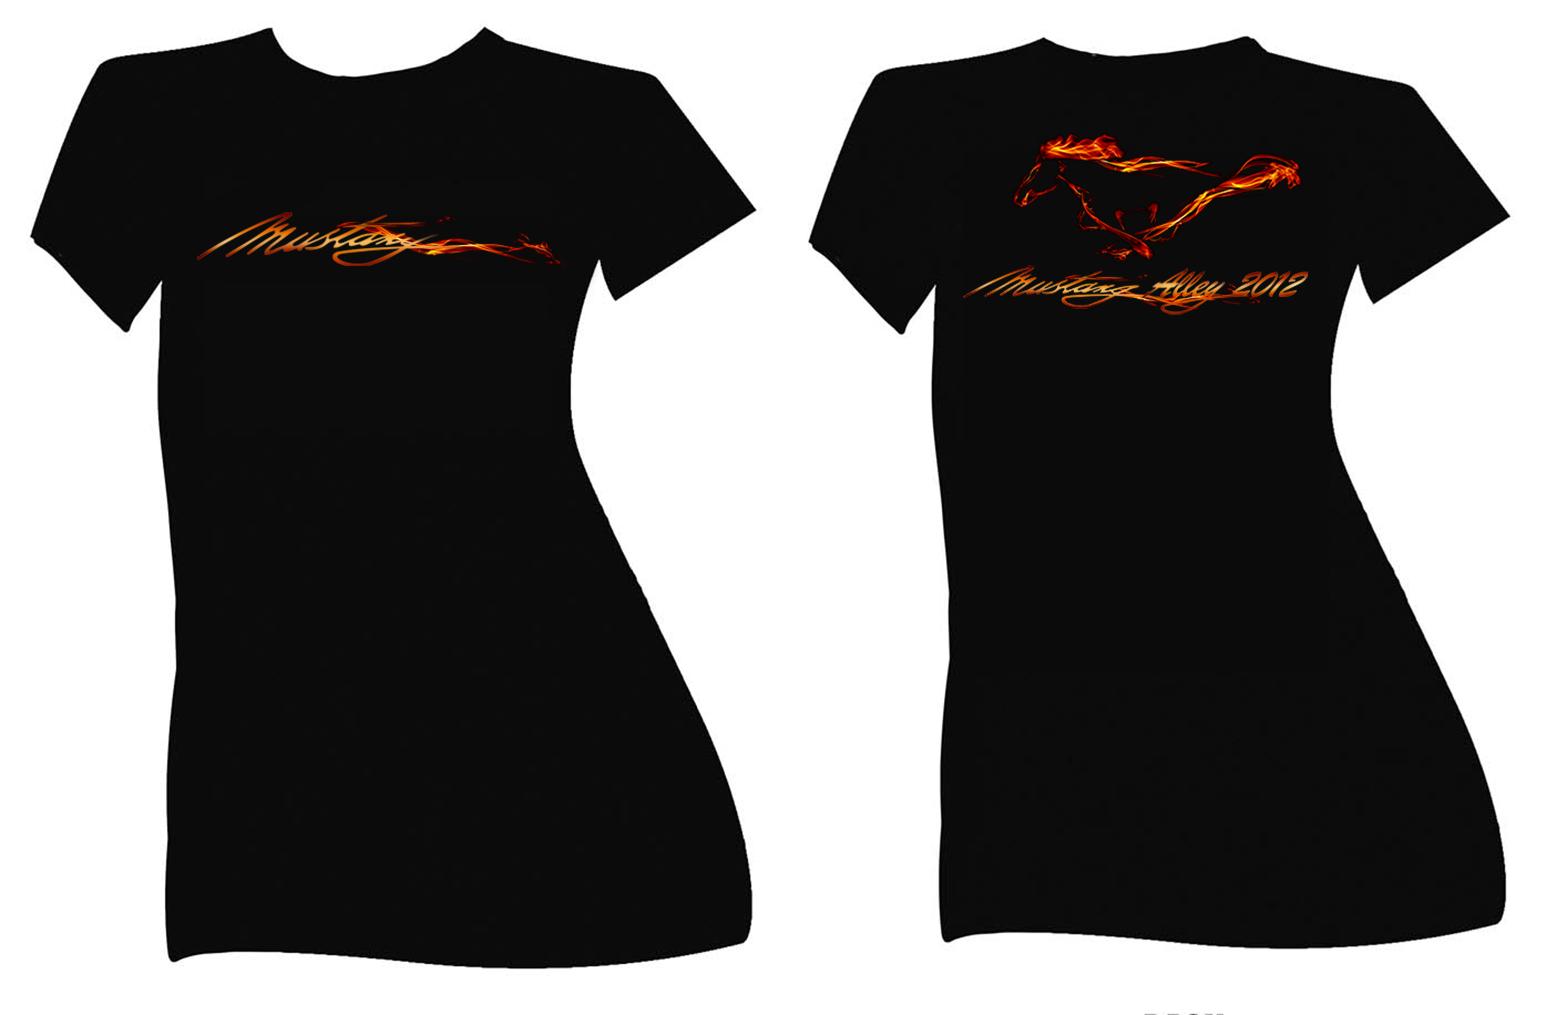 Event T-Shirt Logo Design